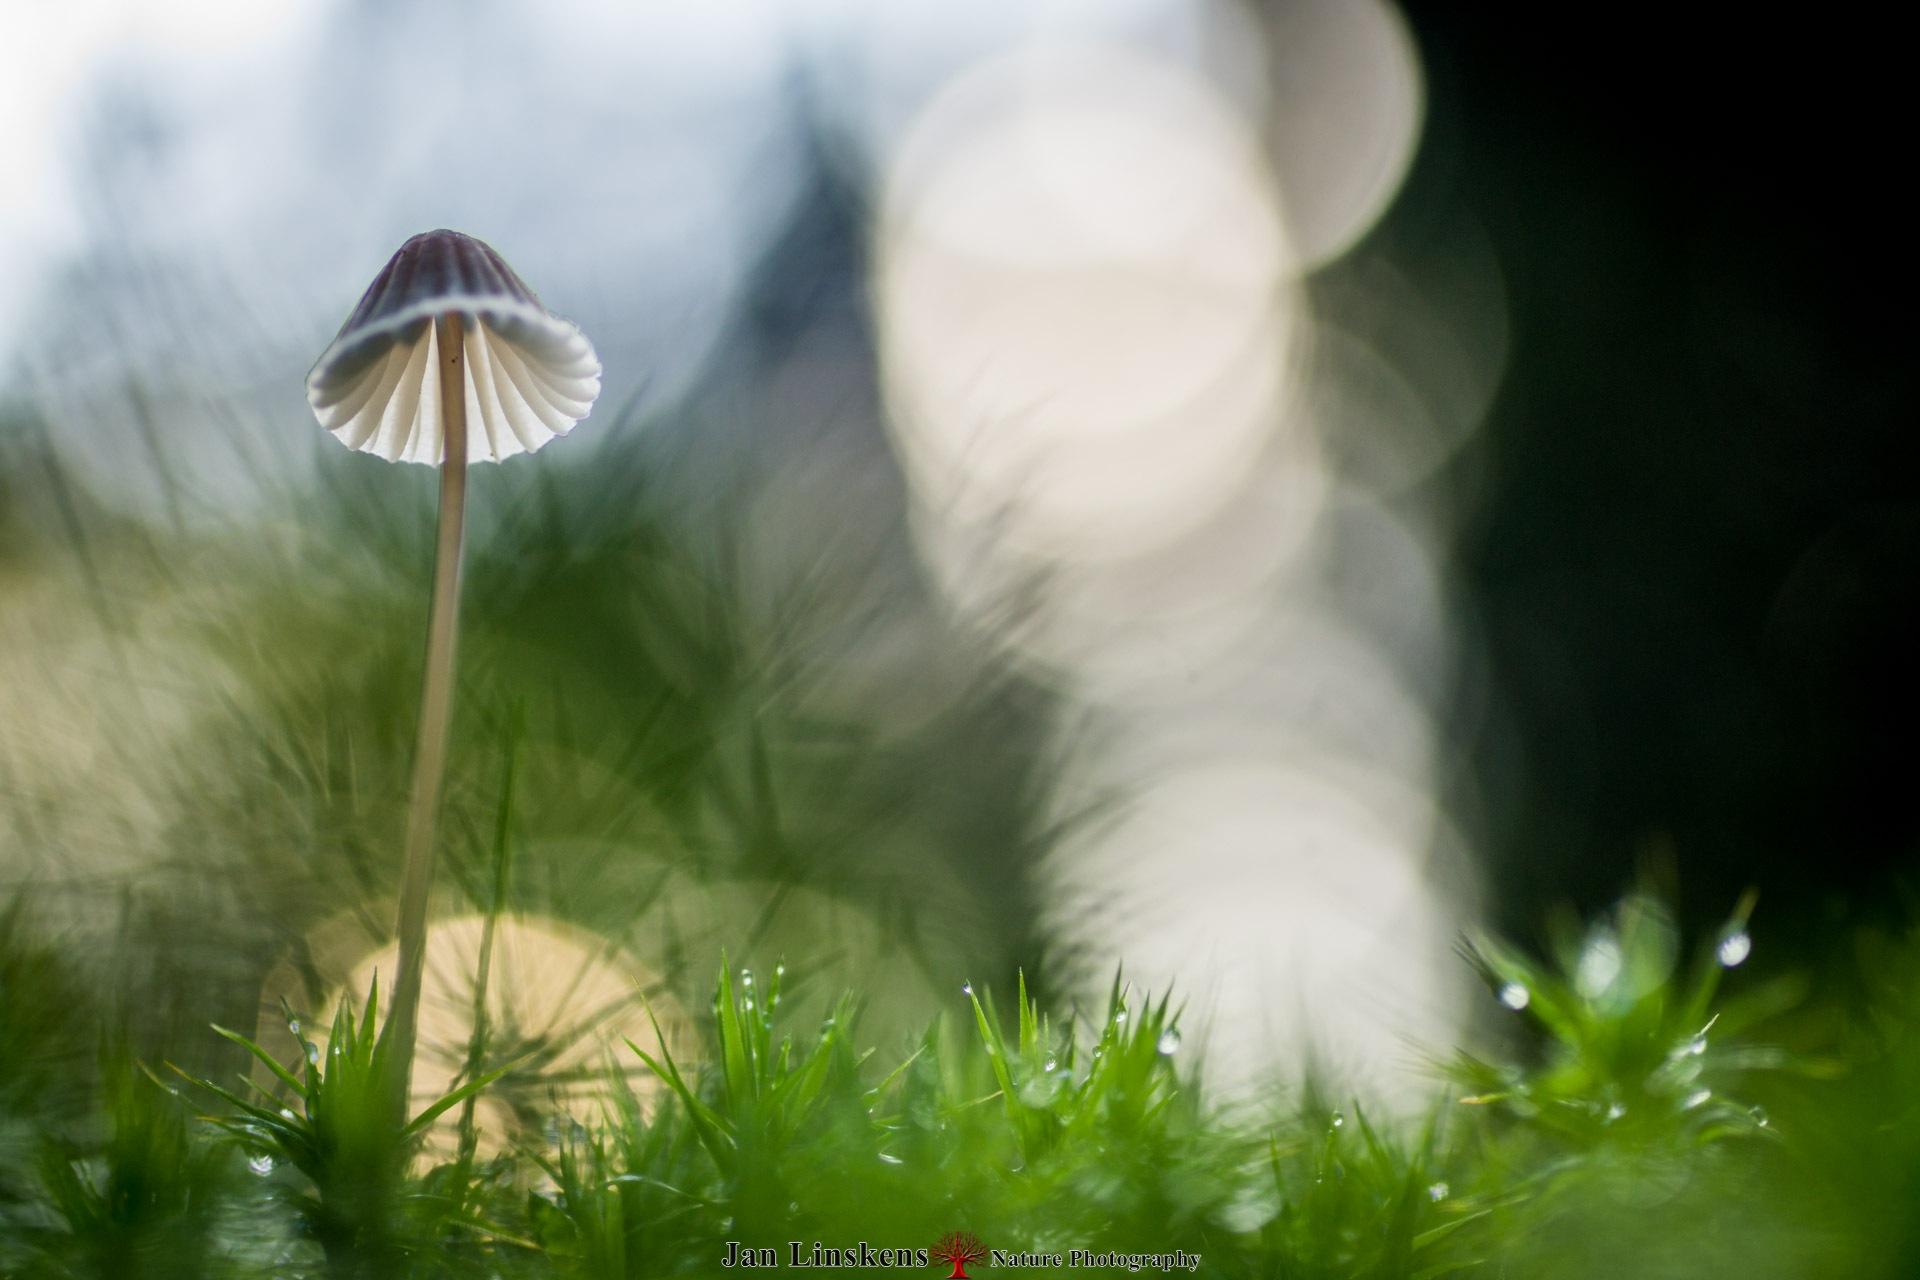 Mushroom by jan.linskens.18